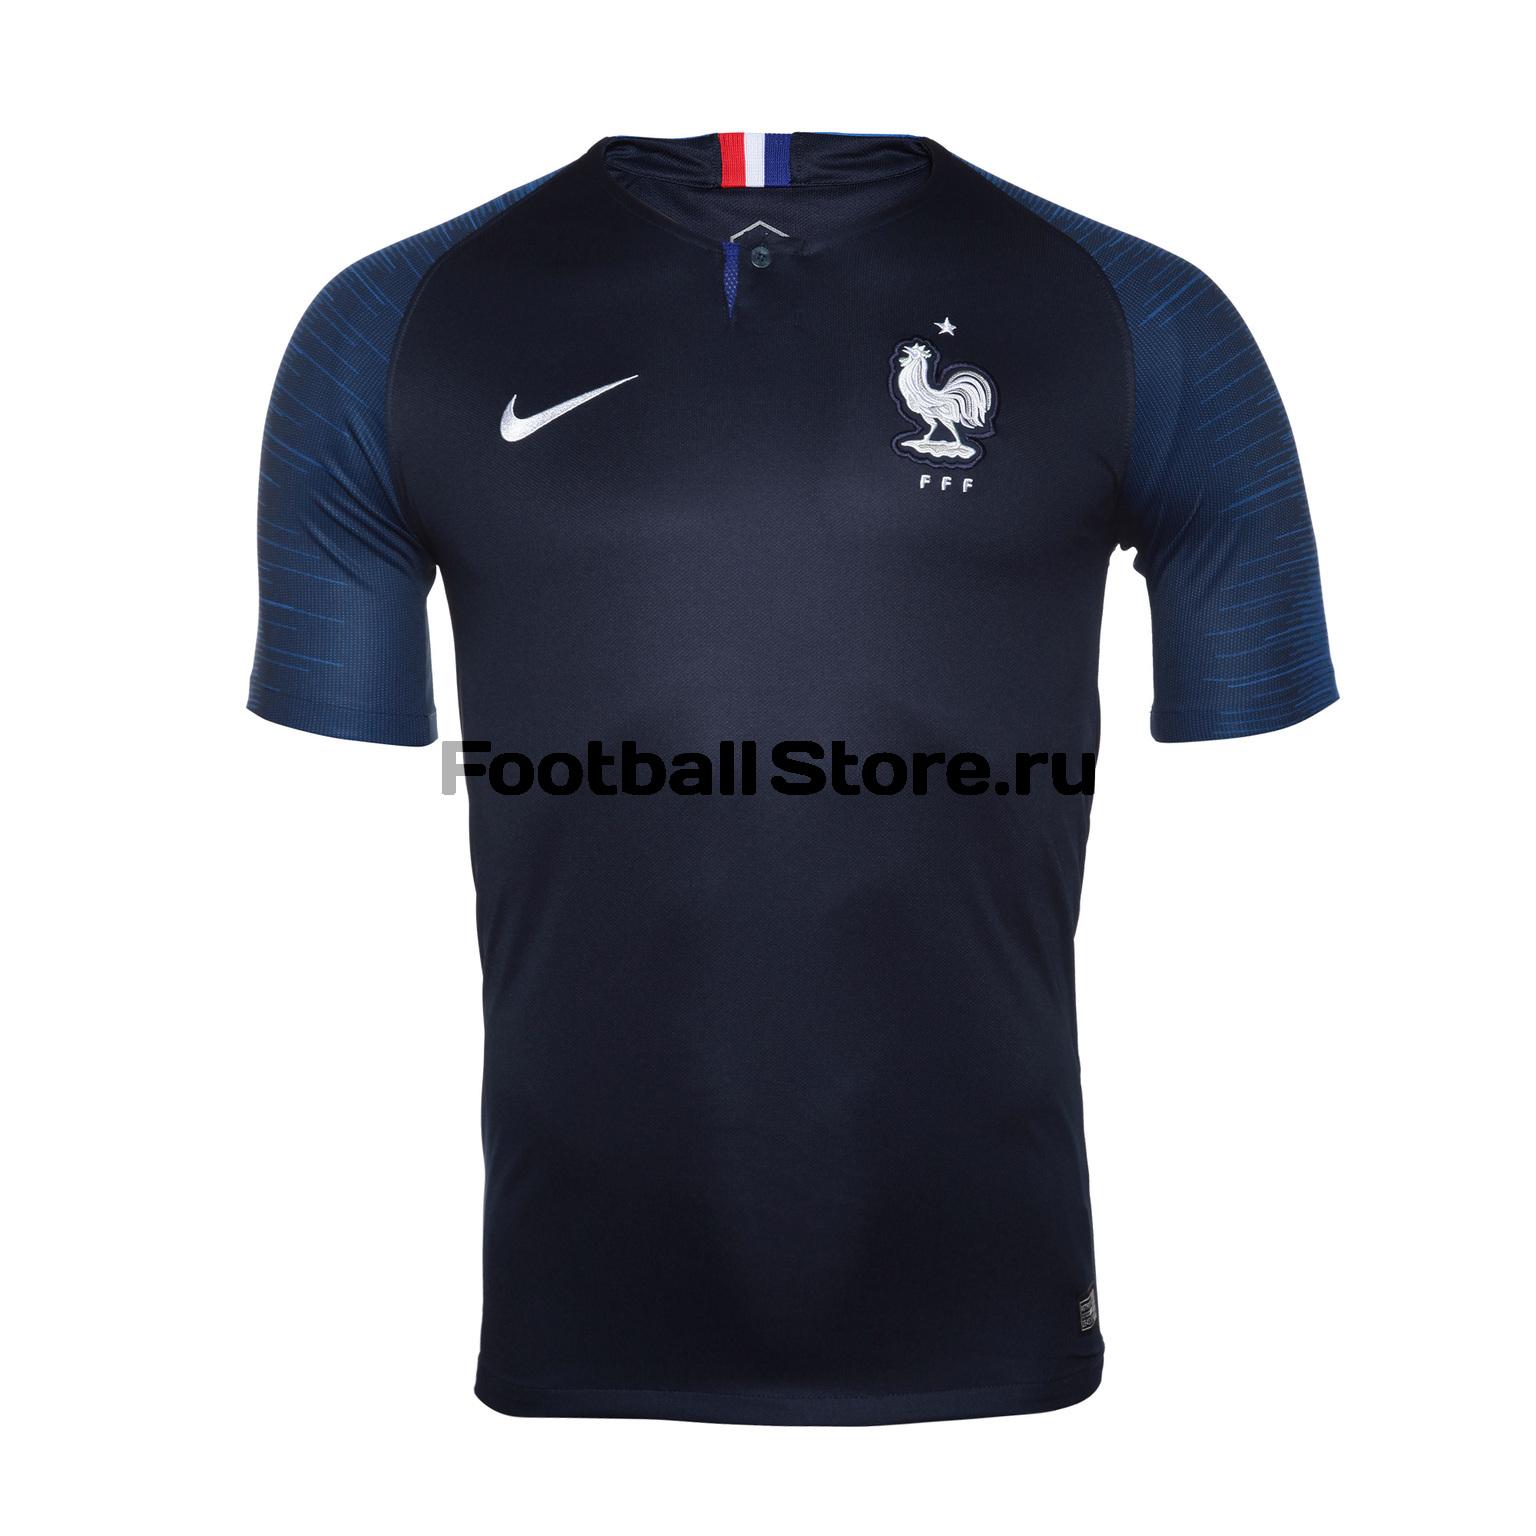 Футболка игровая Nike сборной Франции домашняя 893872-451 футболка игровая домашняя nike barcelona 2018 19